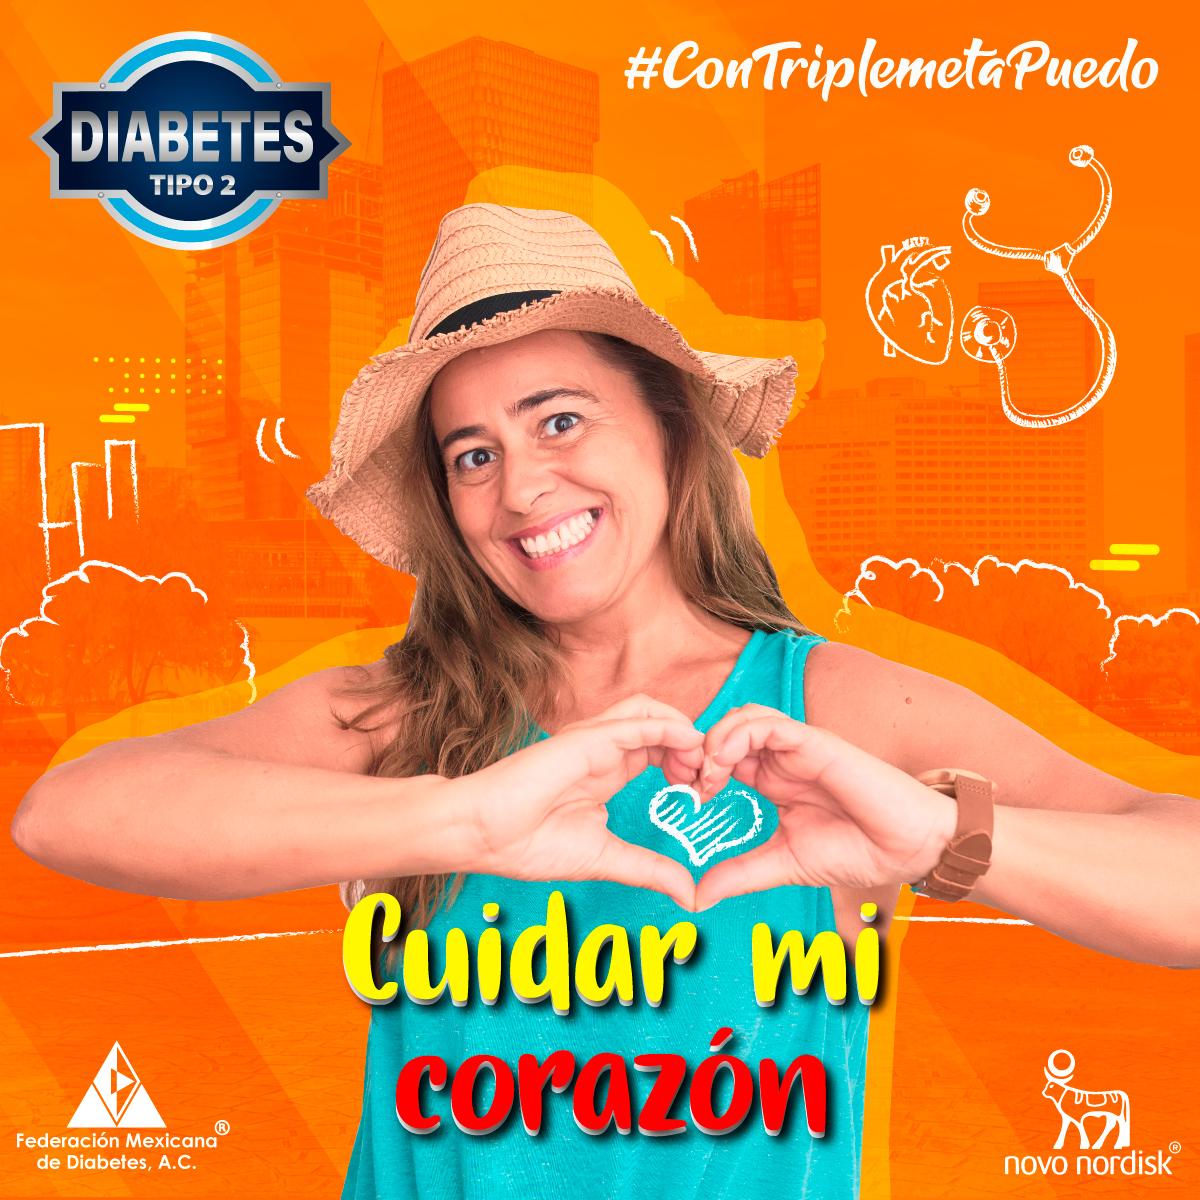 Tratamiento de la Diabetes tipo 2, ¿por qué importa el cuidado del corazón?